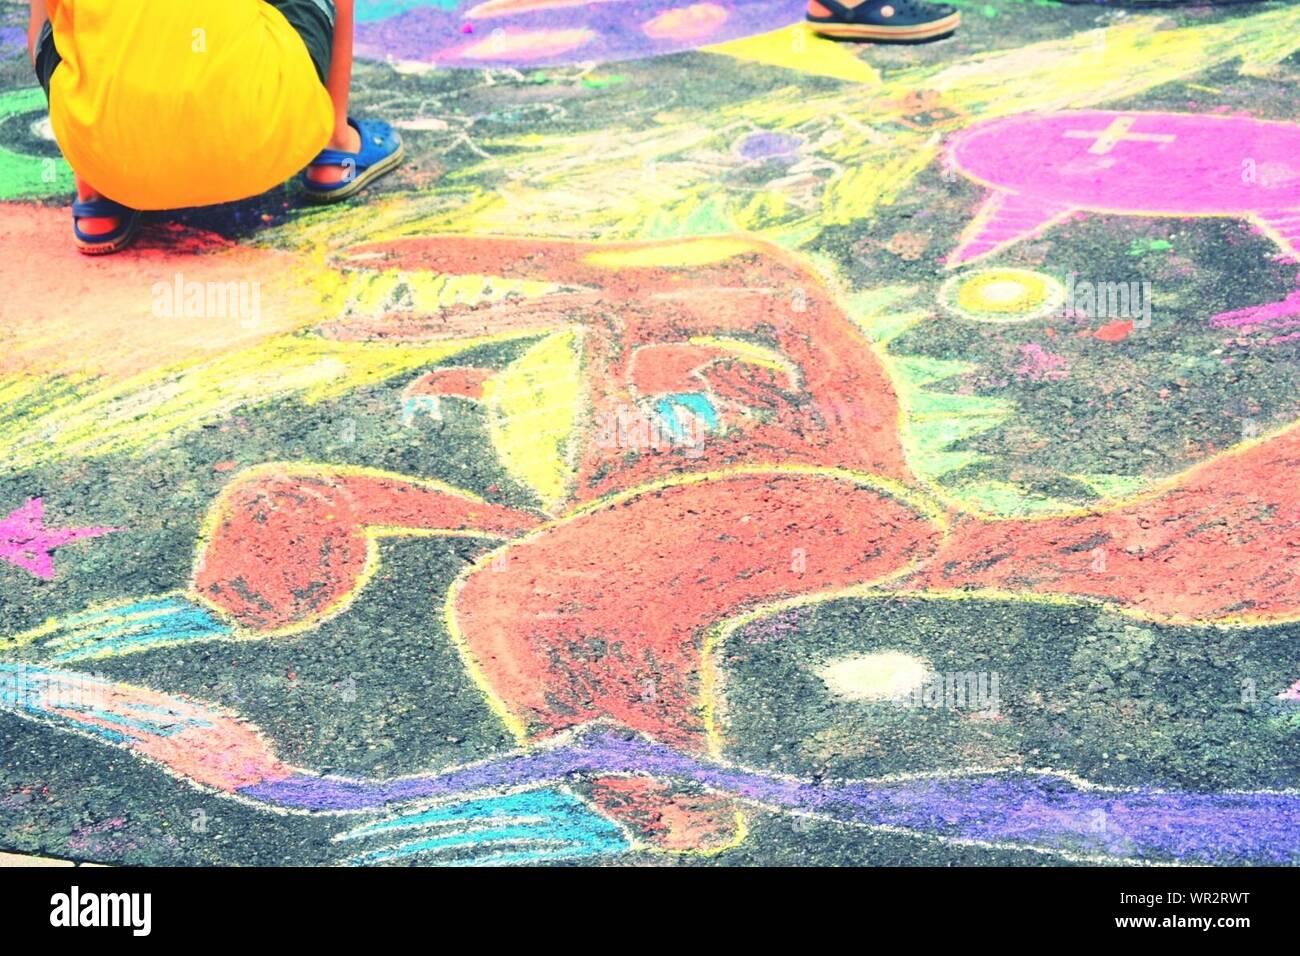 Ansicht der Rückseite des Jungen zusammengekauert auf lackierten Straße Stockfoto